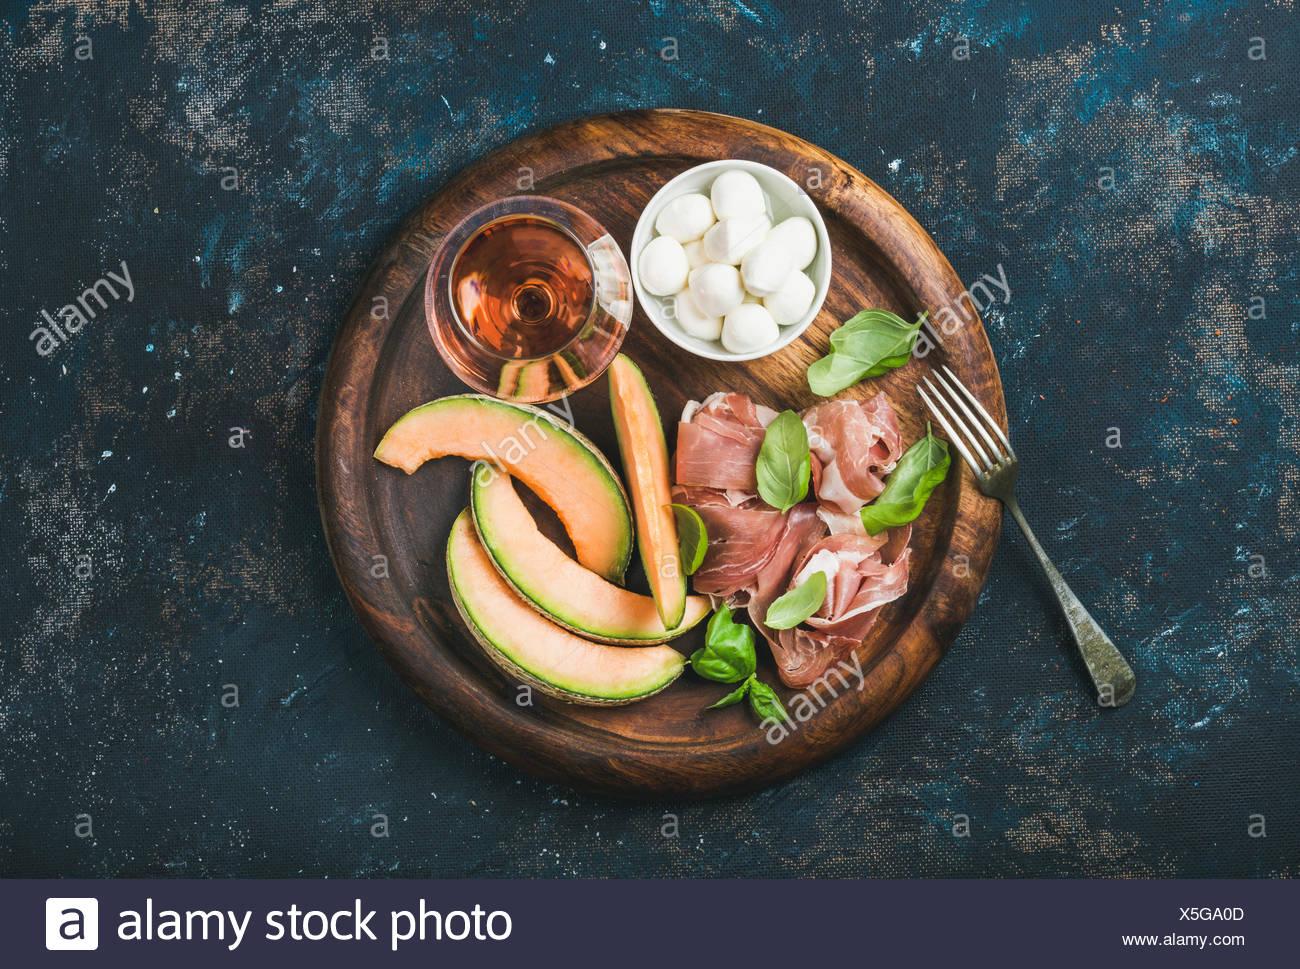 Prosciutto di Parma, melón, queso mozzarella en un recipiente, hojas de albahaca fresca y una copa de vino rosado en round serving tra Imagen De Stock